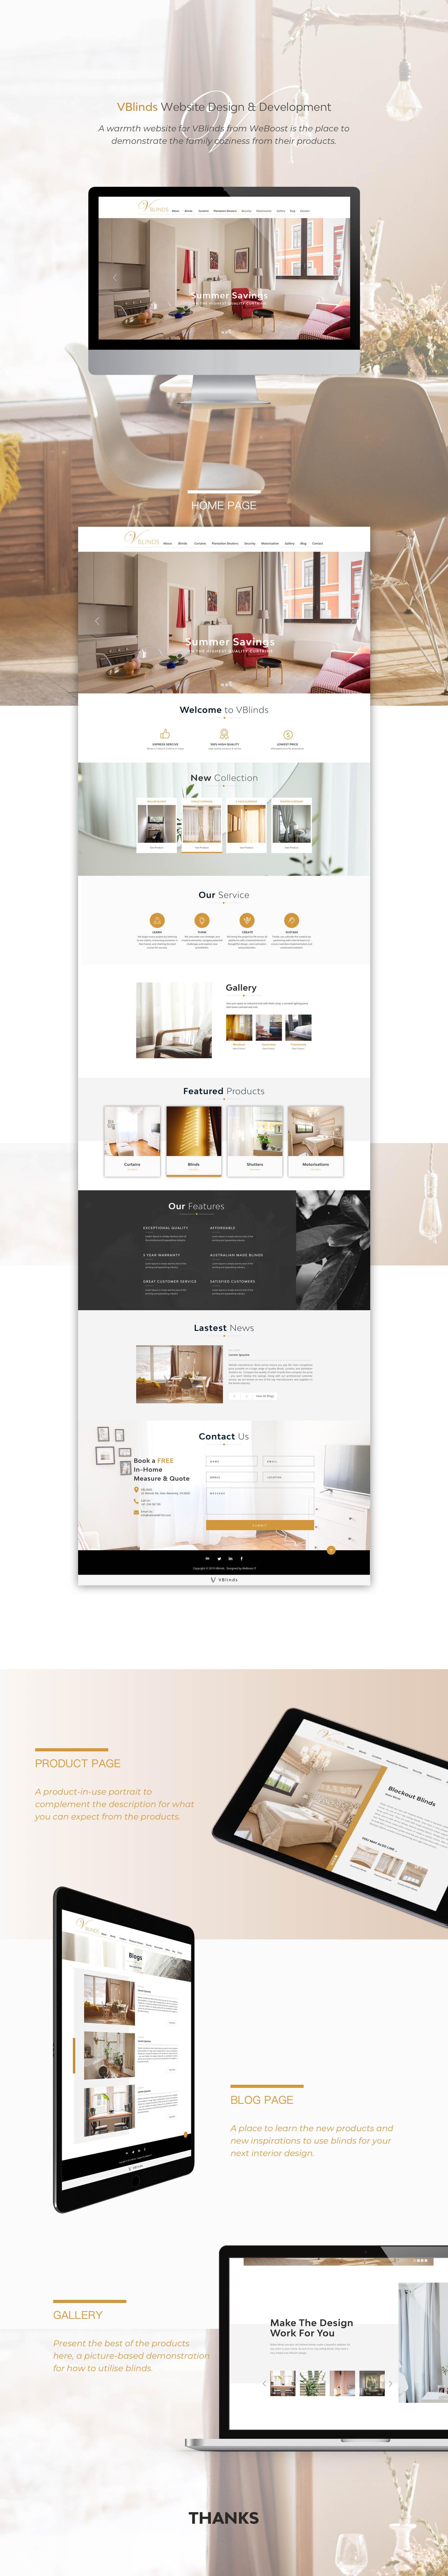 WeBoost website design and development project Vblinds website